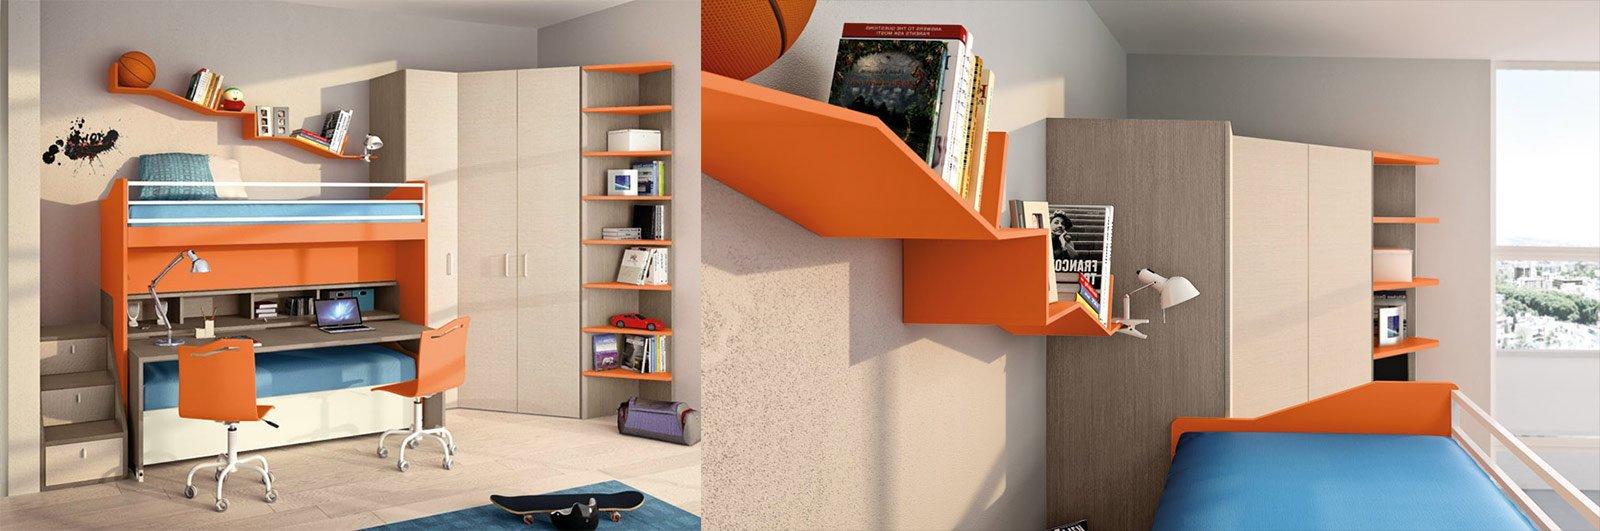 Camerette salvaspazio cose di casa for Cabina a 2 piani